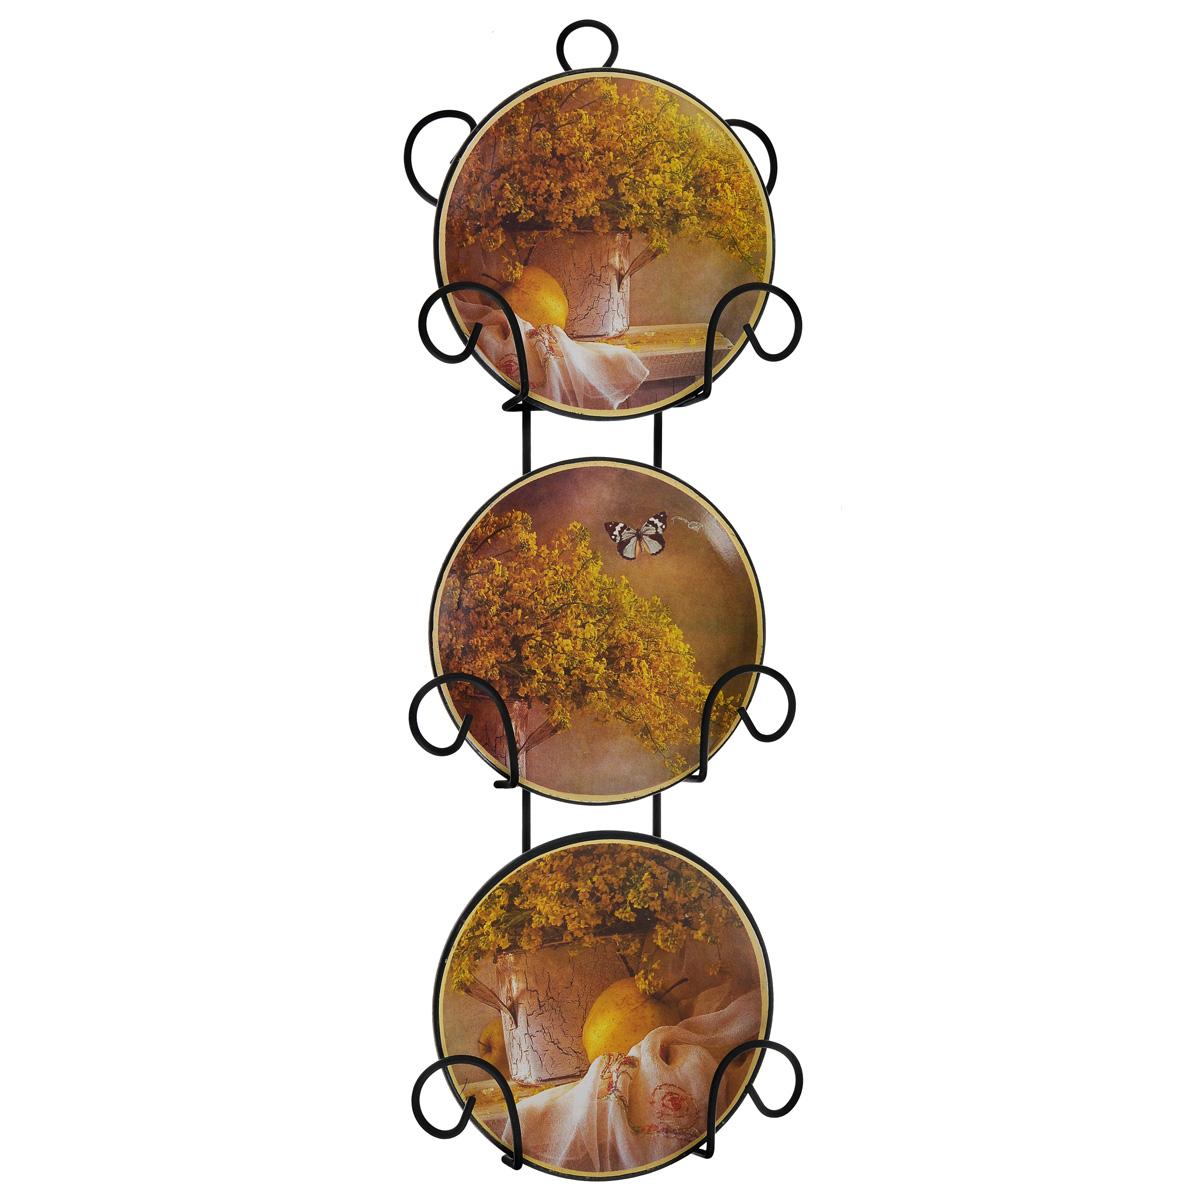 Набор декоративных тарелок Феникс-Презент, диаметр 10 см, 3 шт36263Набор из трех декоративных тарелок с ярким рисунком украсят практически любое ваше помещение, будь то кухня, столовая, гостиная, холл и будут являться необычным дизайнерским решением. Тарелки выполнены из доломитовой керамики, подставка в виде вертикальной этажерки,благодаря которой сувенир удобно и быстро крепится к стене, - из черного металла. Каждая тарелочка, декорированная изображениями свежей зелени и бабочки, помещается в отдельную нишу. Очаровательный набор декоративных тарелок - замечательный подарок друзьям и близким людям. Размер тарелки (без подставки): 10 см х 10 см х 1,5 см. Размер сувенира с подставкой: 2,5 см х 11,5 см х 33 см.